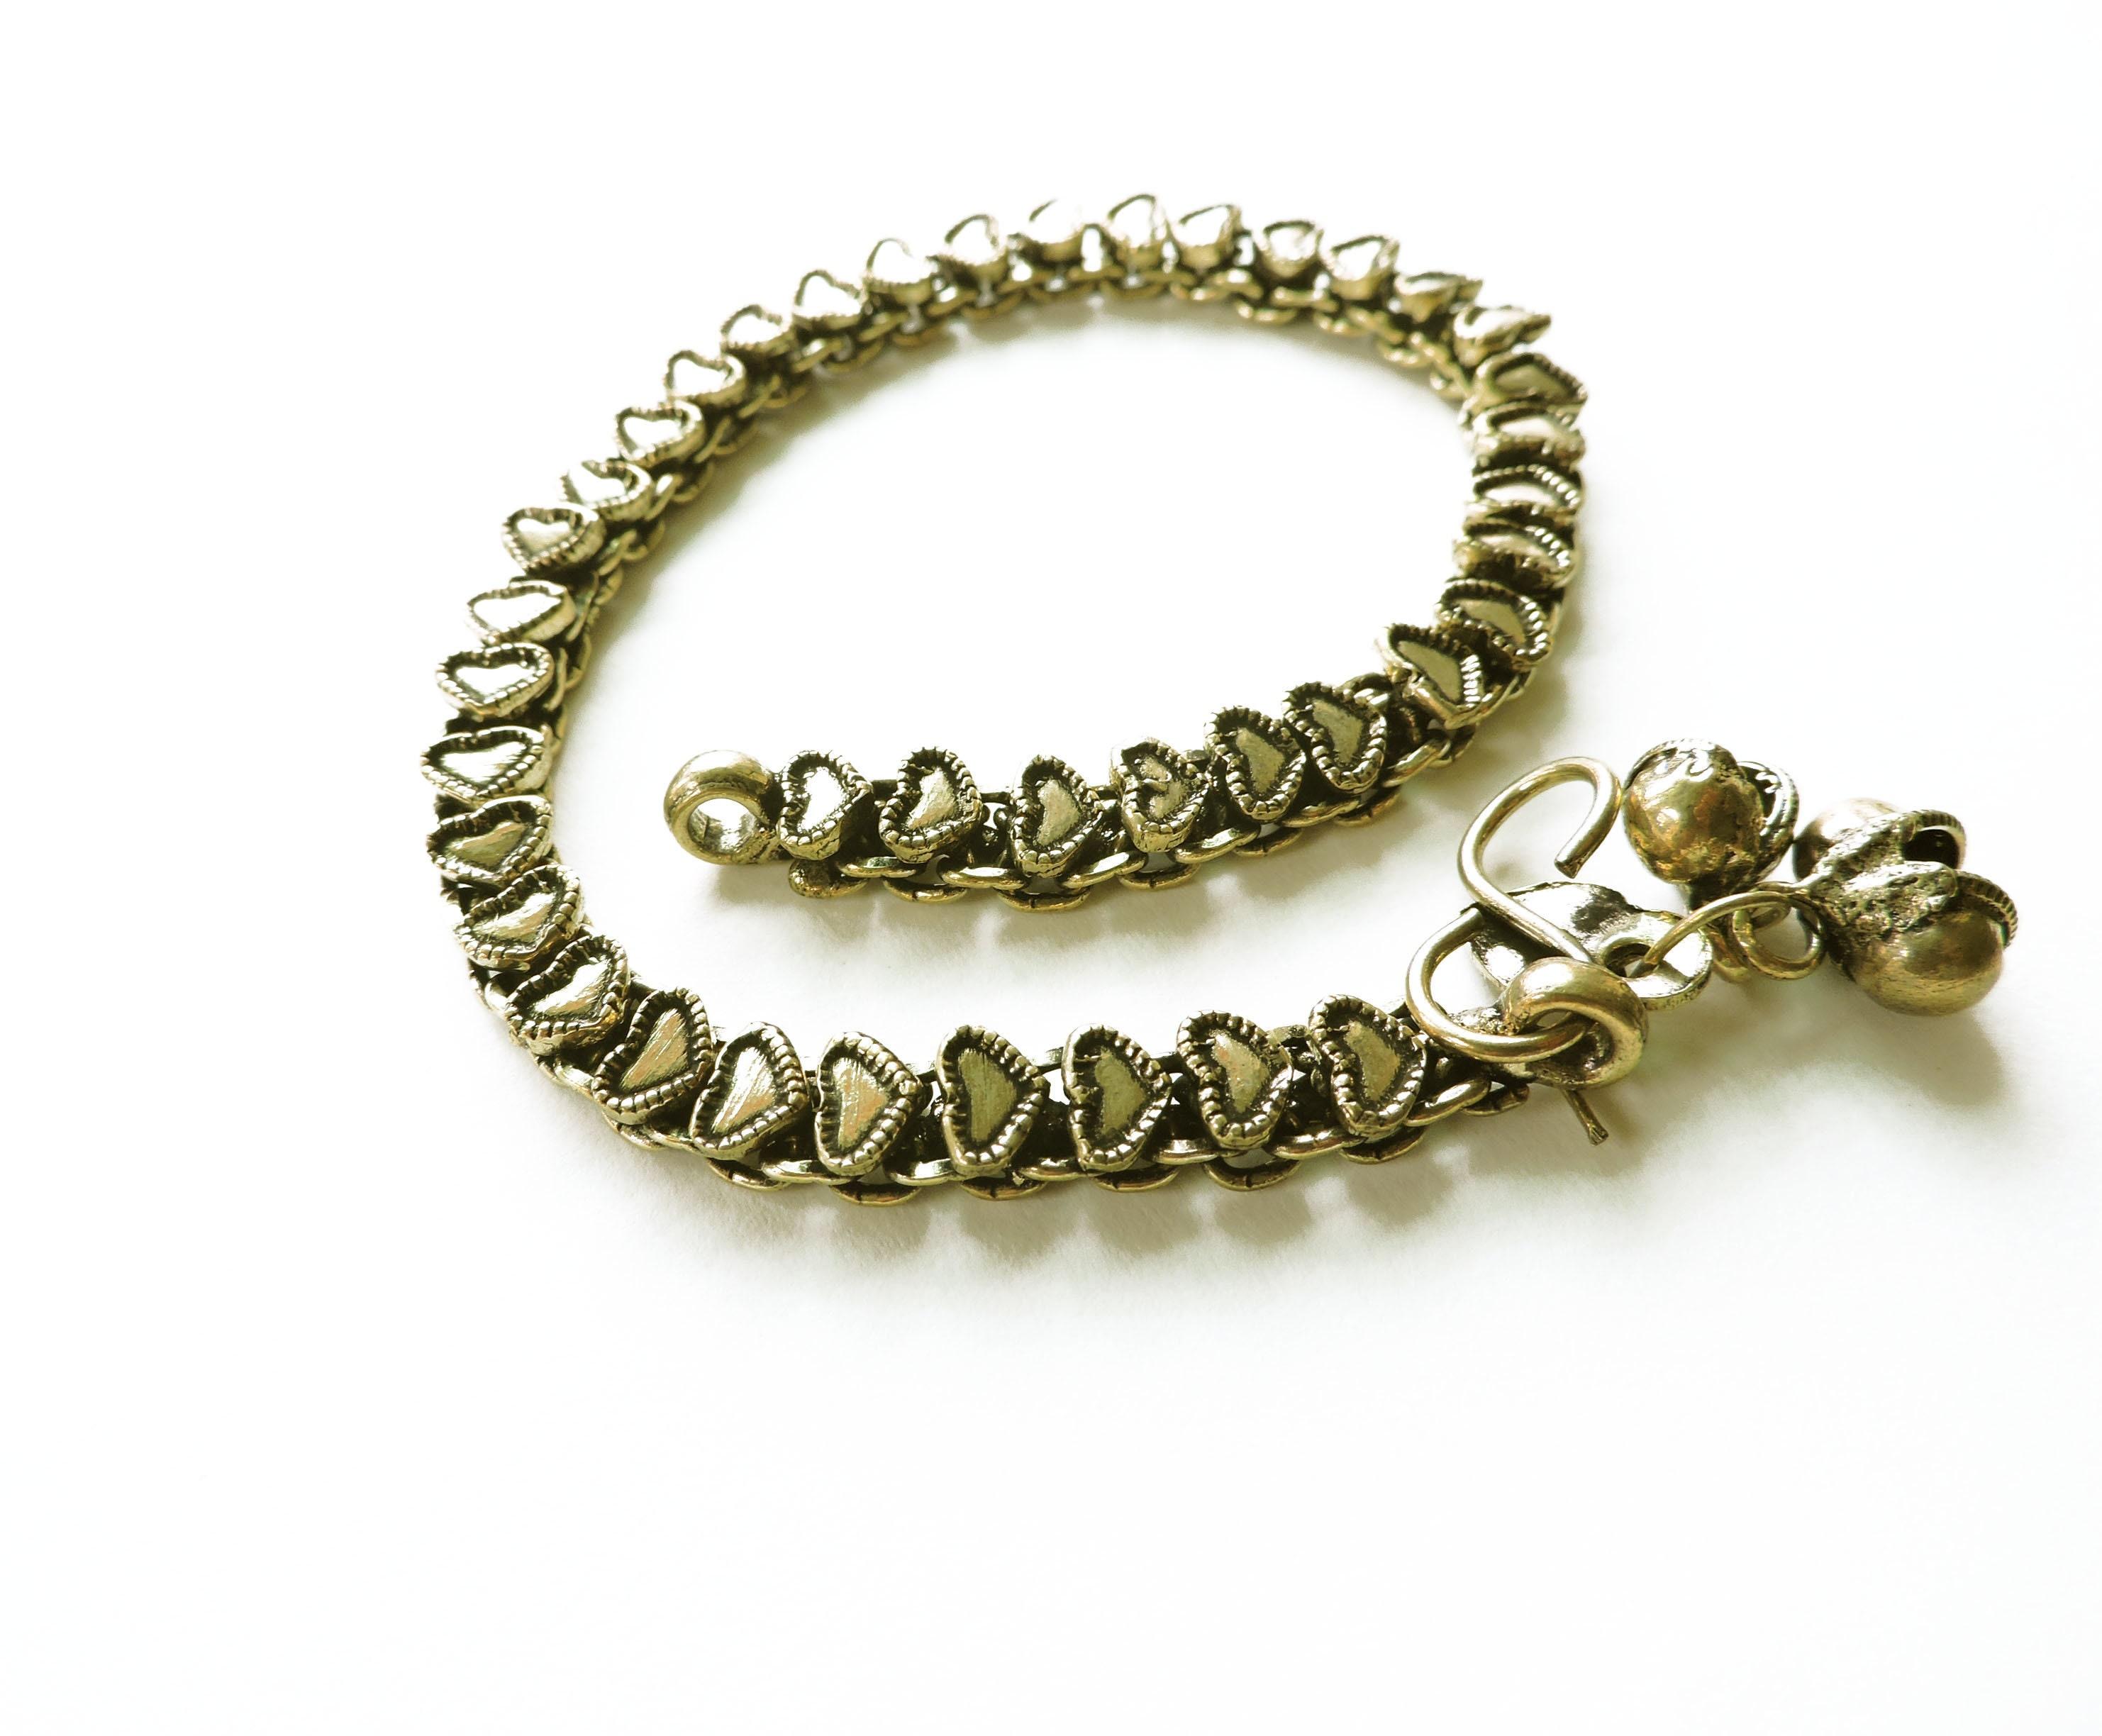 bracelet breloque coeur en laiton cha ne de cheville bracelet etsy. Black Bedroom Furniture Sets. Home Design Ideas